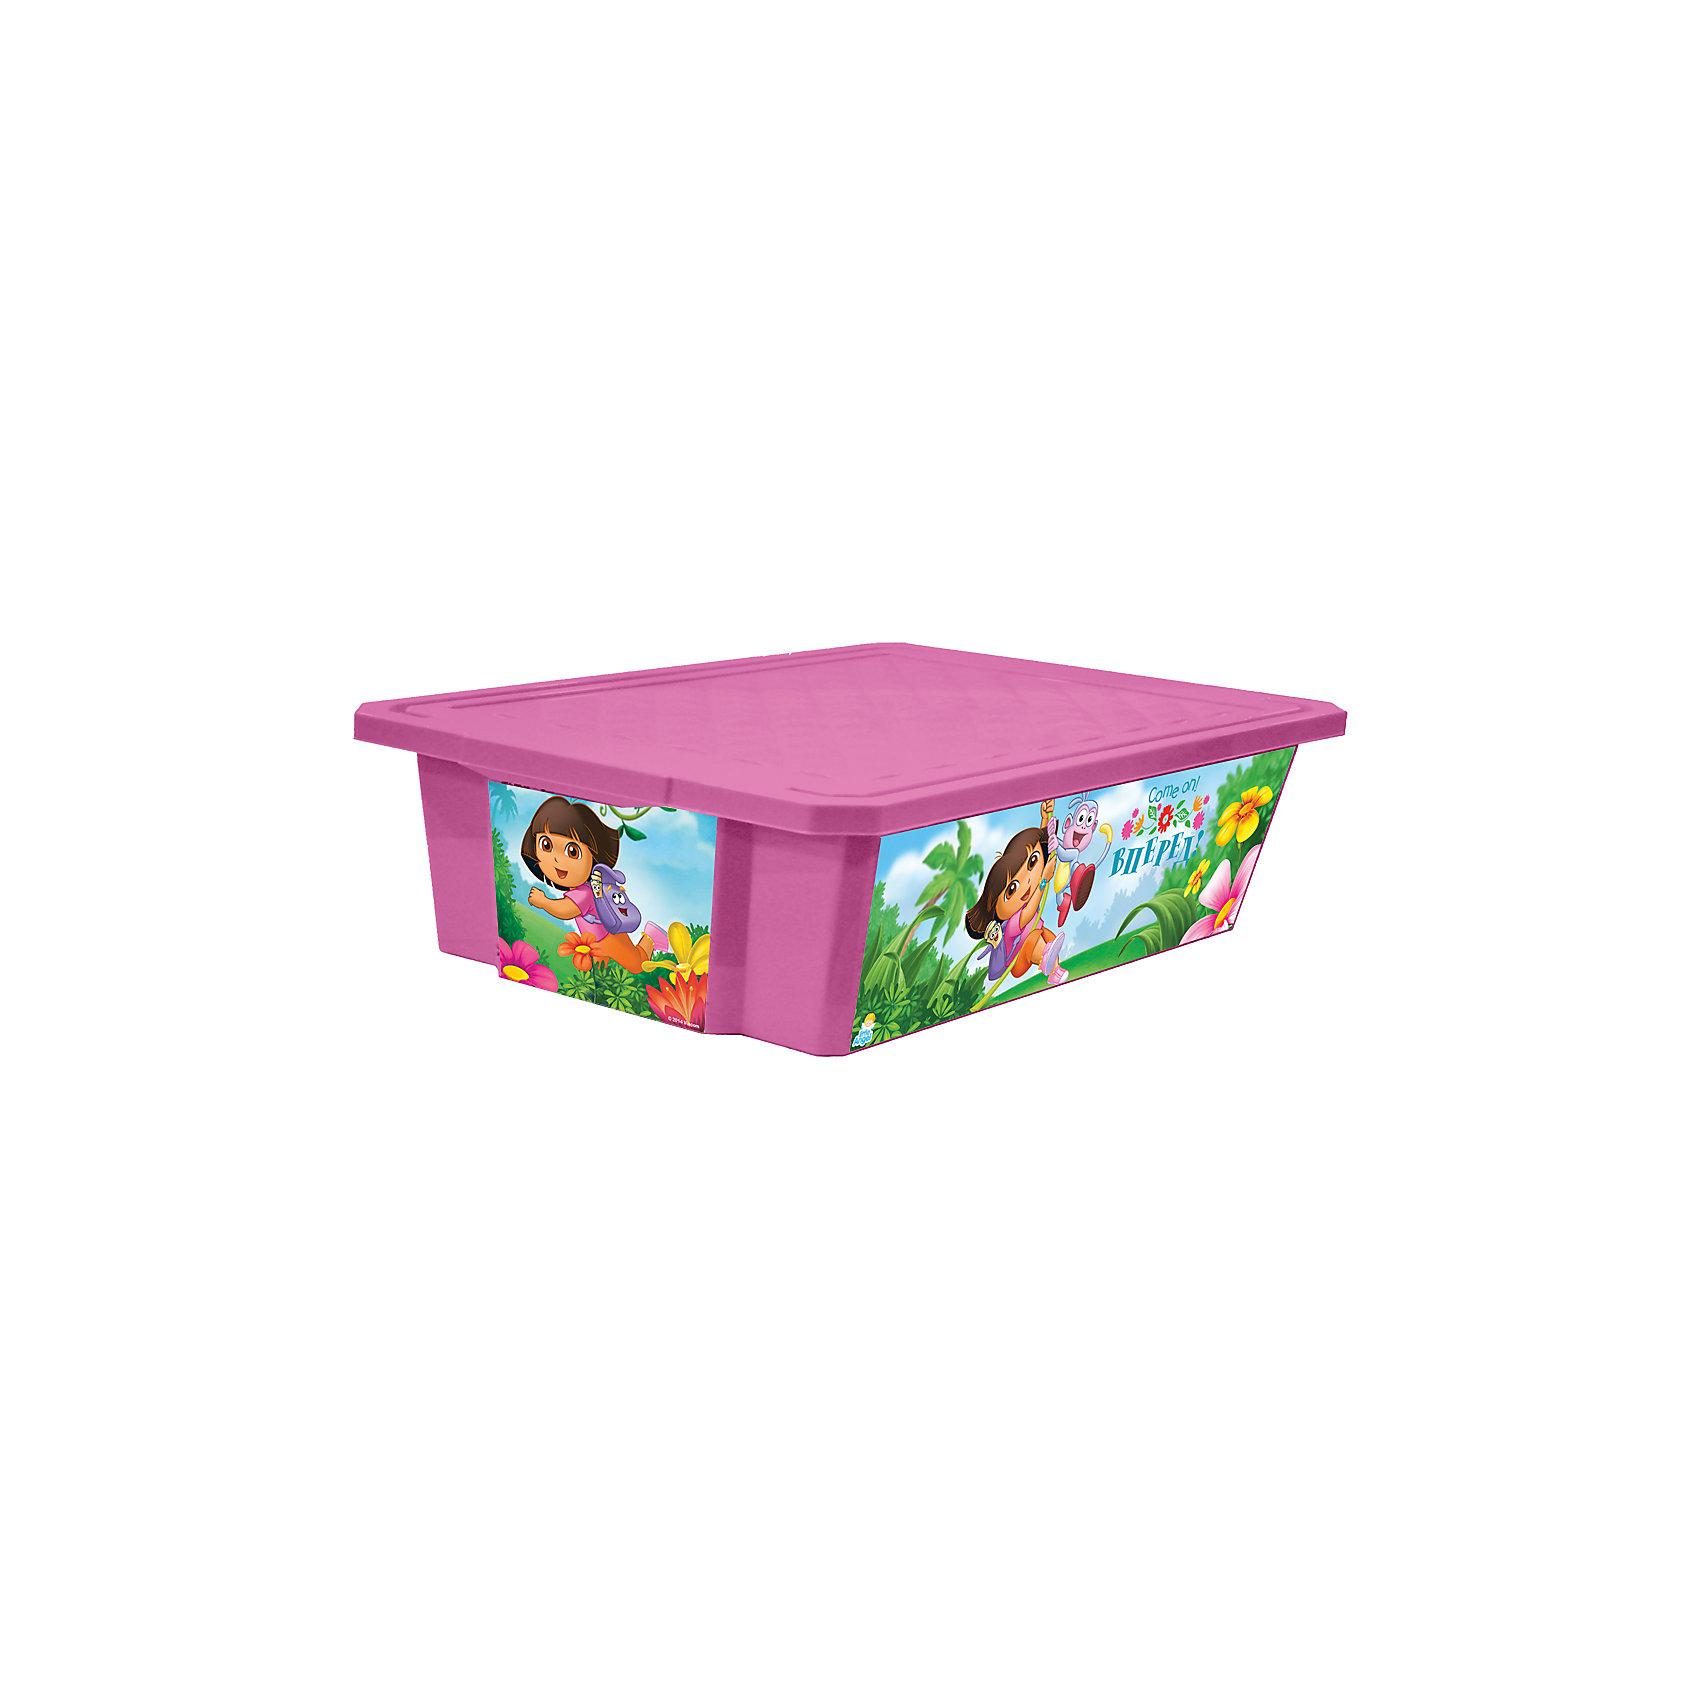 Ящик для хранения игрушек X-BOX Даша путешественница 30л на колесах, Little Angel, розовыйЯщик для хранения игрушек X-BOX Даша путешественница 30 л на колесах, Little Angel, розовый изготовлен отечественным производителем . Выполненный из высококачественного пластика, устойчивого к внешним повреждениям и изменению цвета, ящик станет не только необходимым предметом для хранения детских игрушек и принадлежностей, но и украсит детскую комнату своим ярким дизайном. По бокам ящика с помощью инновационной технологии нанесены картинки, изображающие сюжеты путешествия Даши с ее другом-обезьянкой по имени Башмачок. Ящик оснащен крышкой, что защитит хранящиеся в нем предметы от пыли. Ящик оснащен колесиками, что позволяет его легко передвигать по помещению даже ребенку.<br>Ящик для хранения игрушек X-BOX Даша путешественница 30 л на колесах, Little Angel, розовый достаточно прост в уходе, его можно протирать влажной губкой или мыть в теплой воде. <br><br>Дополнительная информация:<br><br>- Предназначение: для дома<br>- Цвет: розовый<br>- Пол: для девочки<br>- Материал: пластик<br>- Размер (Д*Ш*В): 61*40,5*19,3 см<br>- Объем: 30 л<br>- Вес: 1 кг 314 г<br>- Особенности ухода: разрешается мыть теплой водой<br><br>Подробнее:<br><br>• Для детей в возрасте: от 2 лет и до 7 лет<br>• Страна производитель: Россия<br>• Торговый бренд: Little Angel<br><br>Ящик для хранения игрушек X-BOX Даша путешественница 30 л на колесах, Little Angel, розовый можно купить в нашем интернет-магазине.<br><br>Ширина мм: 610<br>Глубина мм: 405<br>Высота мм: 193<br>Вес г: 1314<br>Возраст от месяцев: 24<br>Возраст до месяцев: 84<br>Пол: Женский<br>Возраст: Детский<br>SKU: 4881757